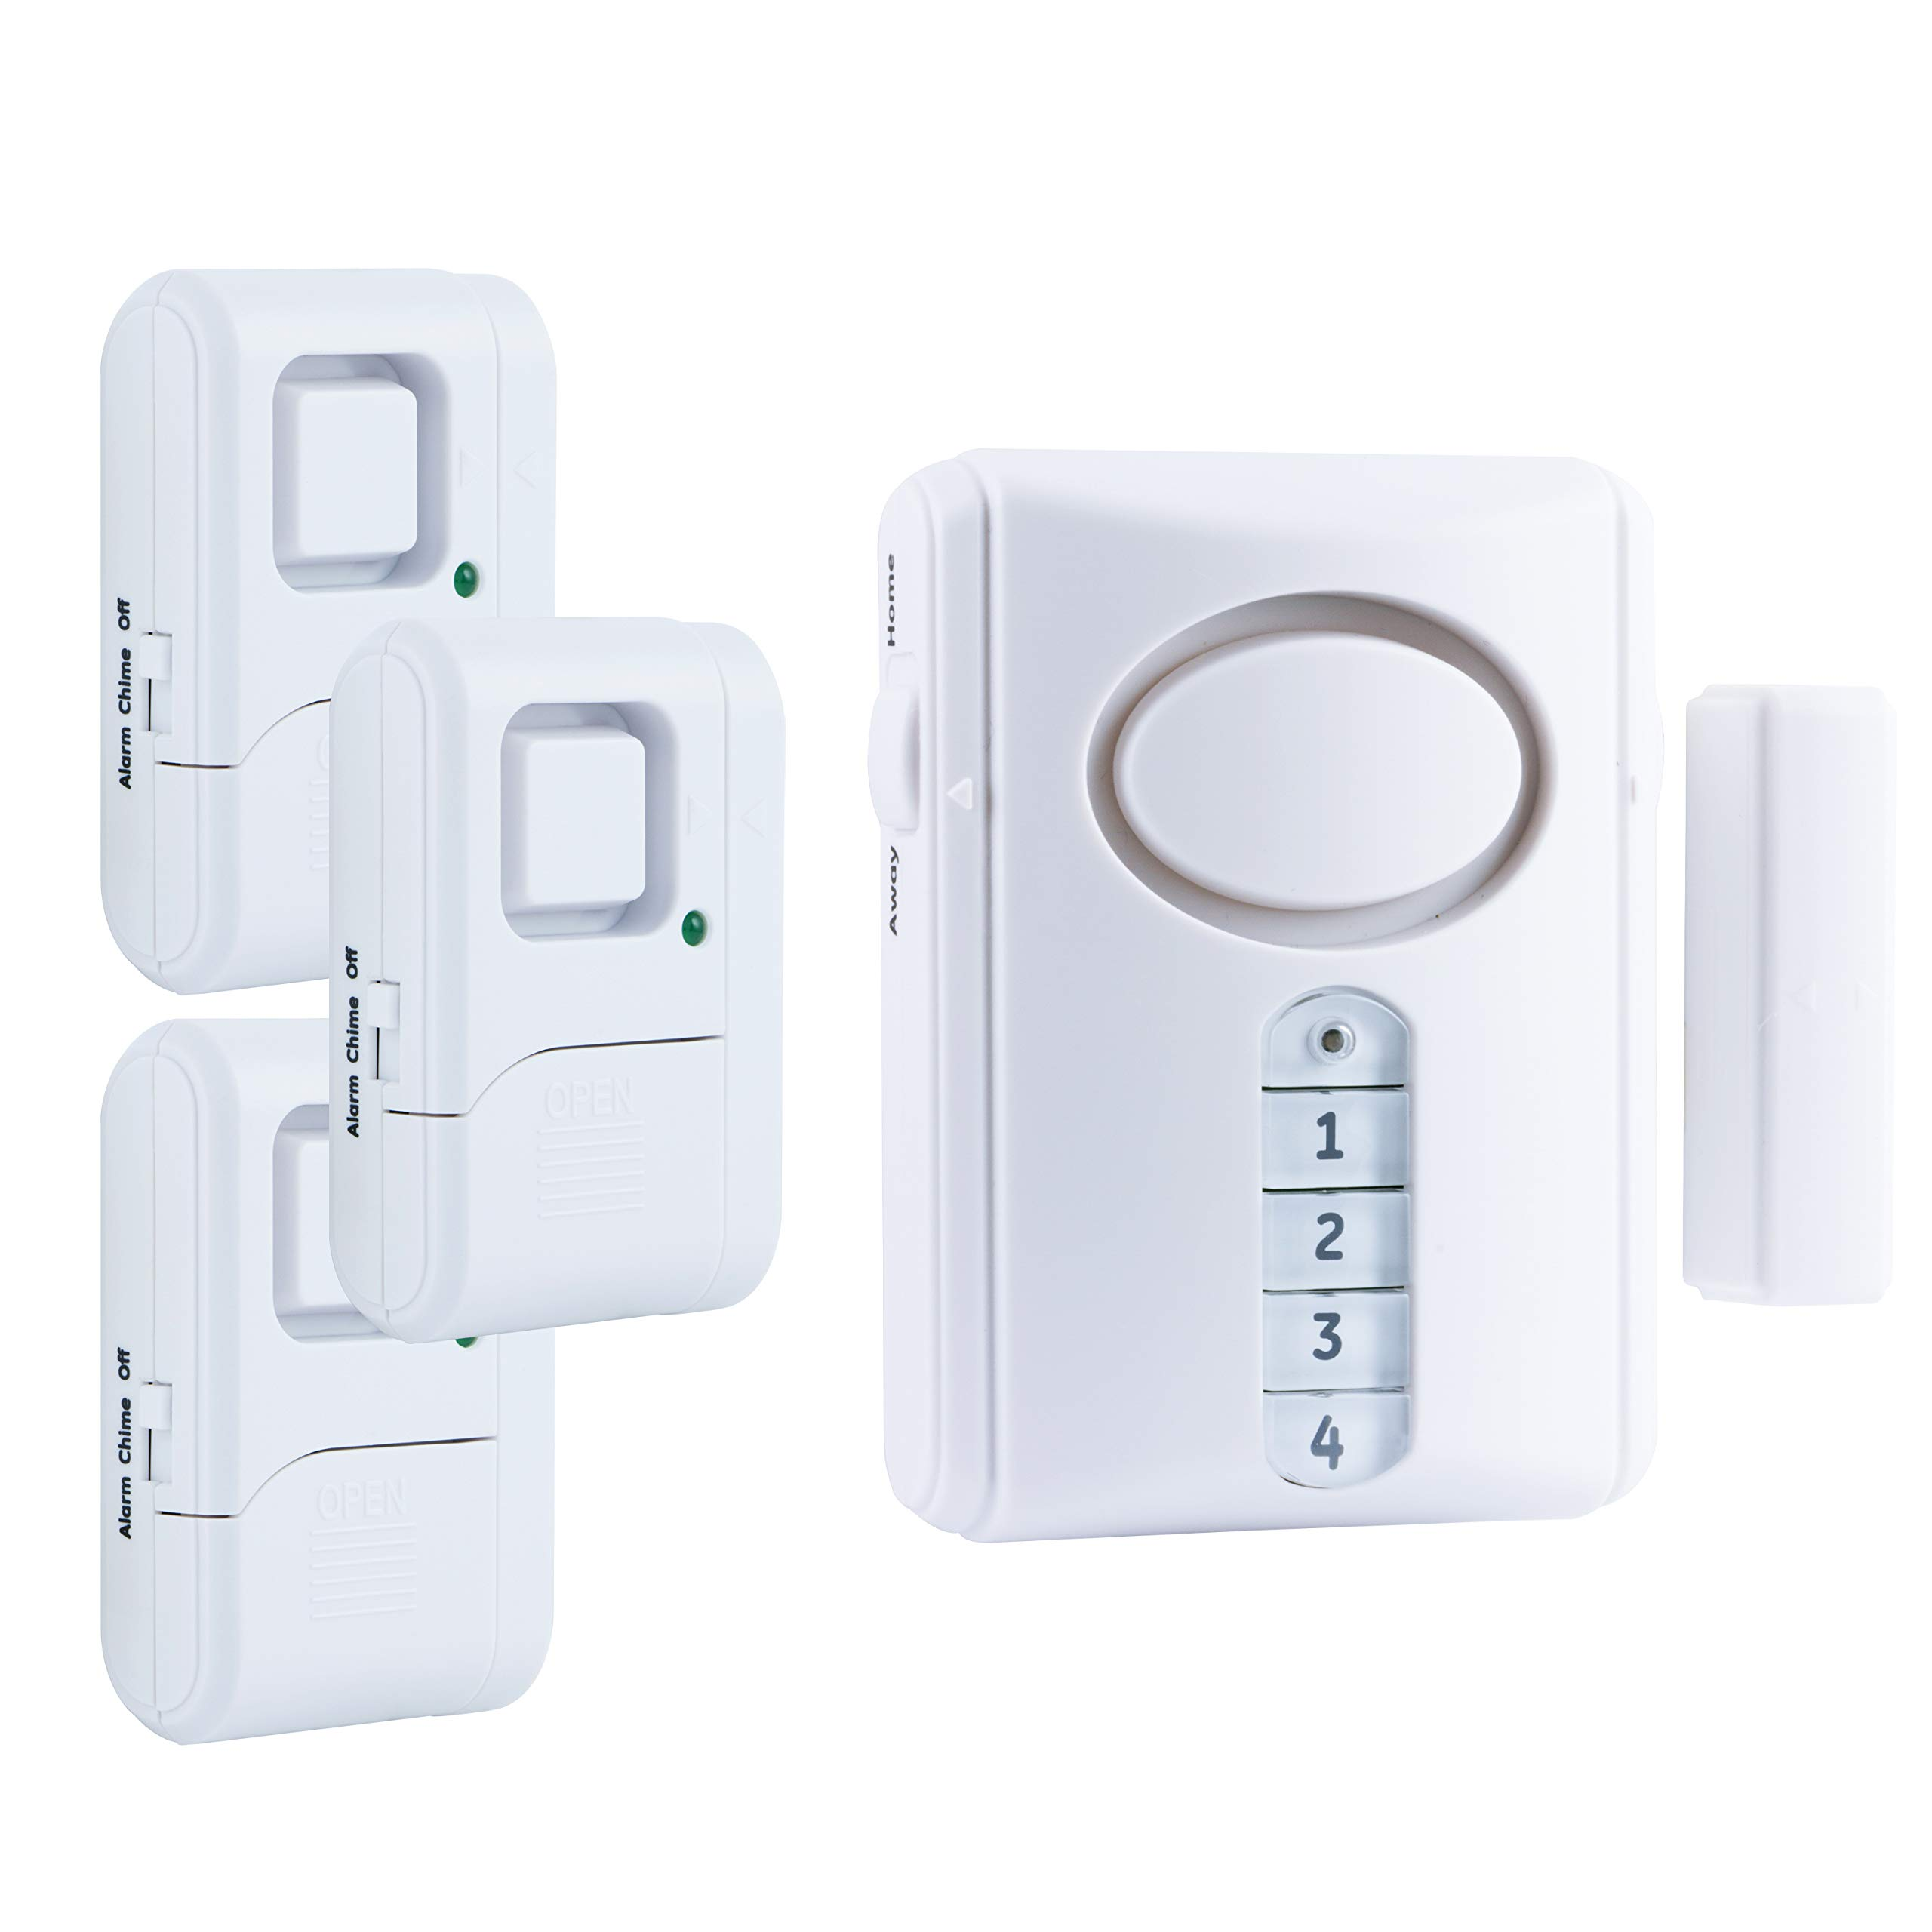 Mua GE Personal Security Alarm Kit, Includes Deluxe Door Alarm ...